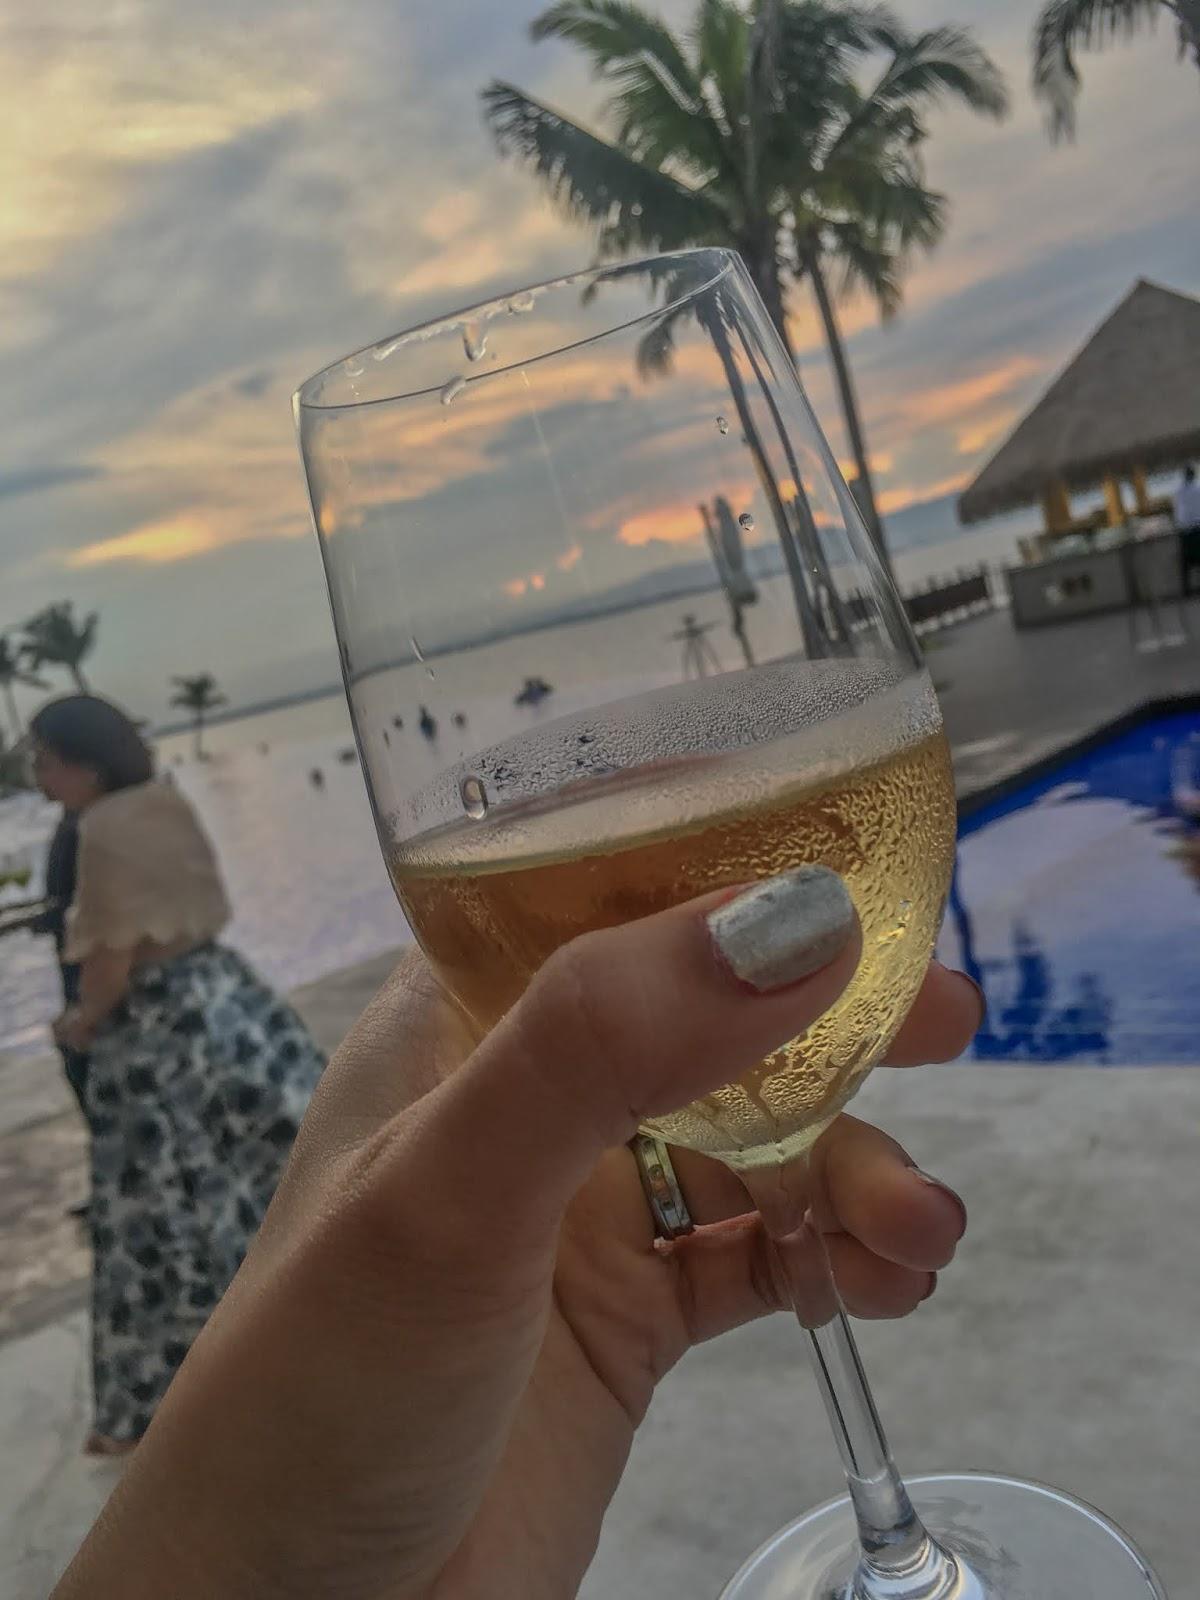 Dusit Thani Mactan view and champaigne